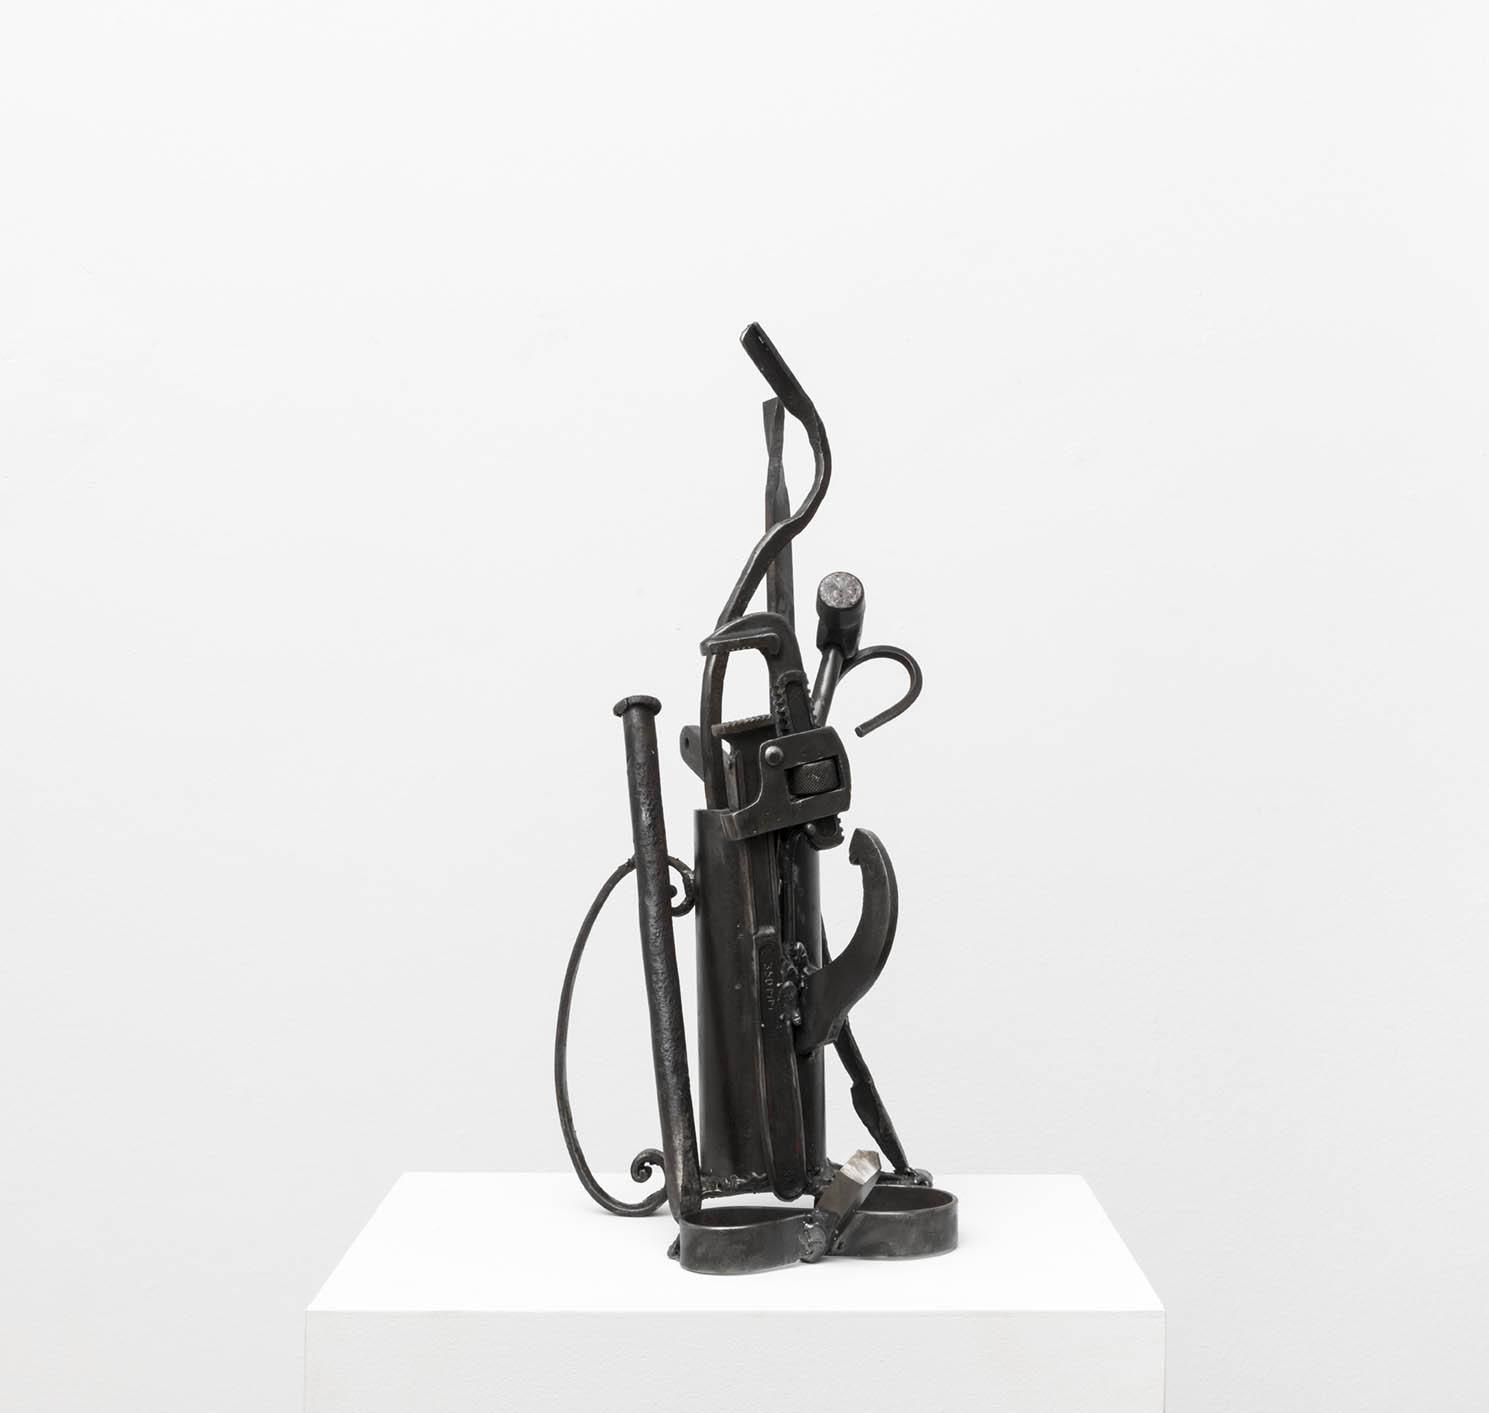 Ferramentas de Ogum |  Ogum Tools,  2019  aço |  steel   52 x 23 x 23 cm |  20 15/32 x 9 1/16 x 9 1/16 in